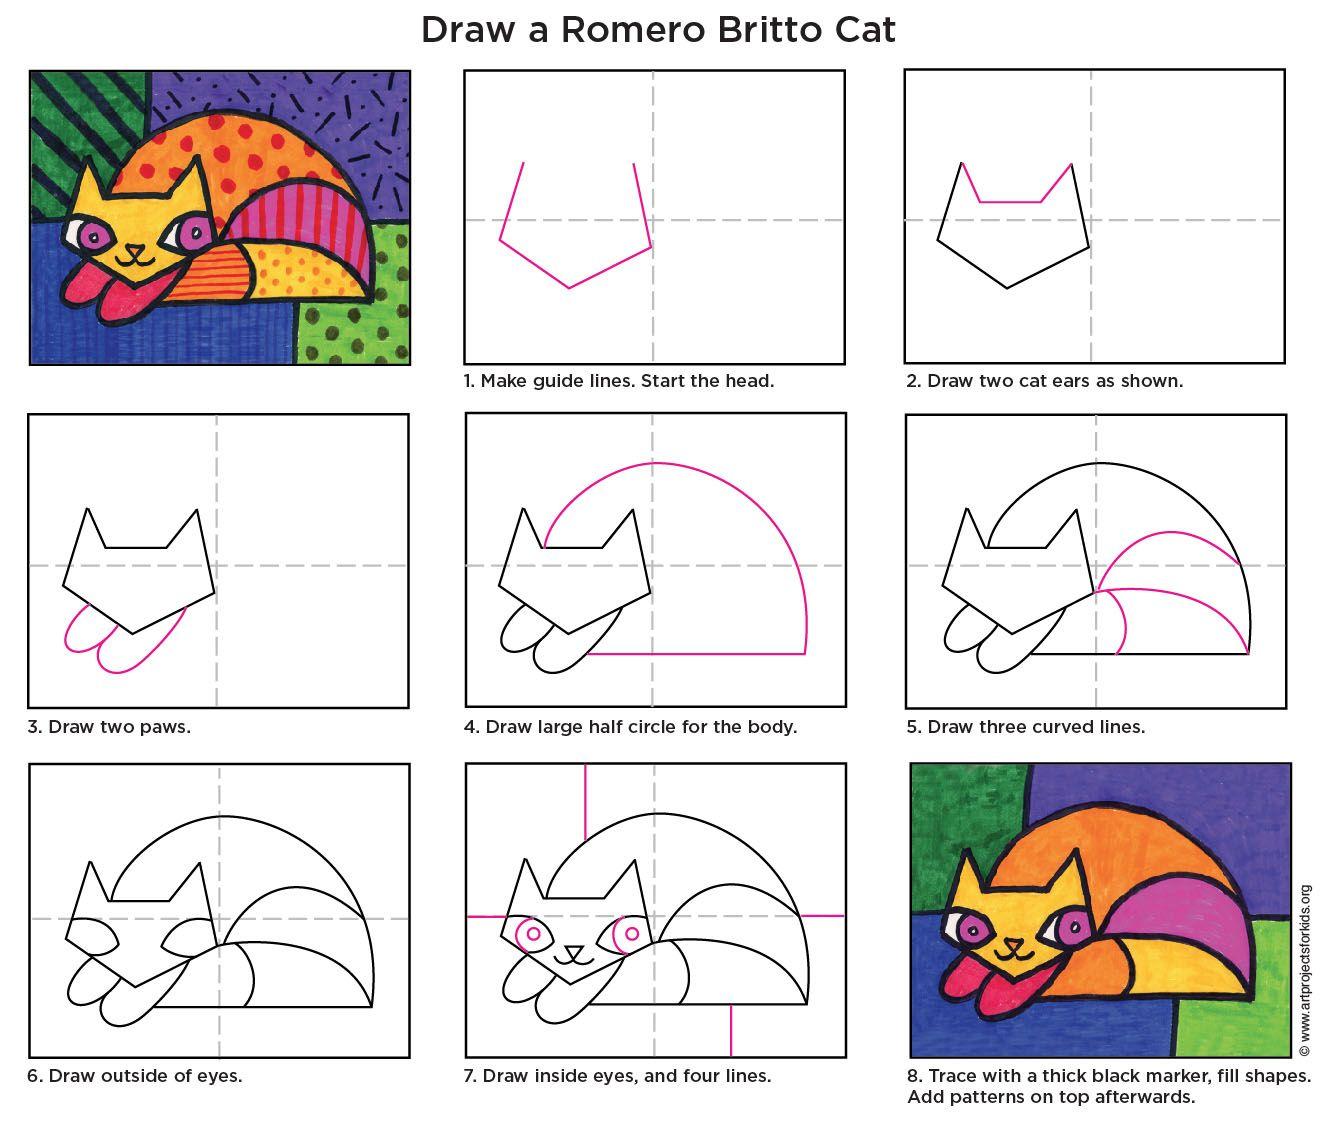 Romero Britto Cat